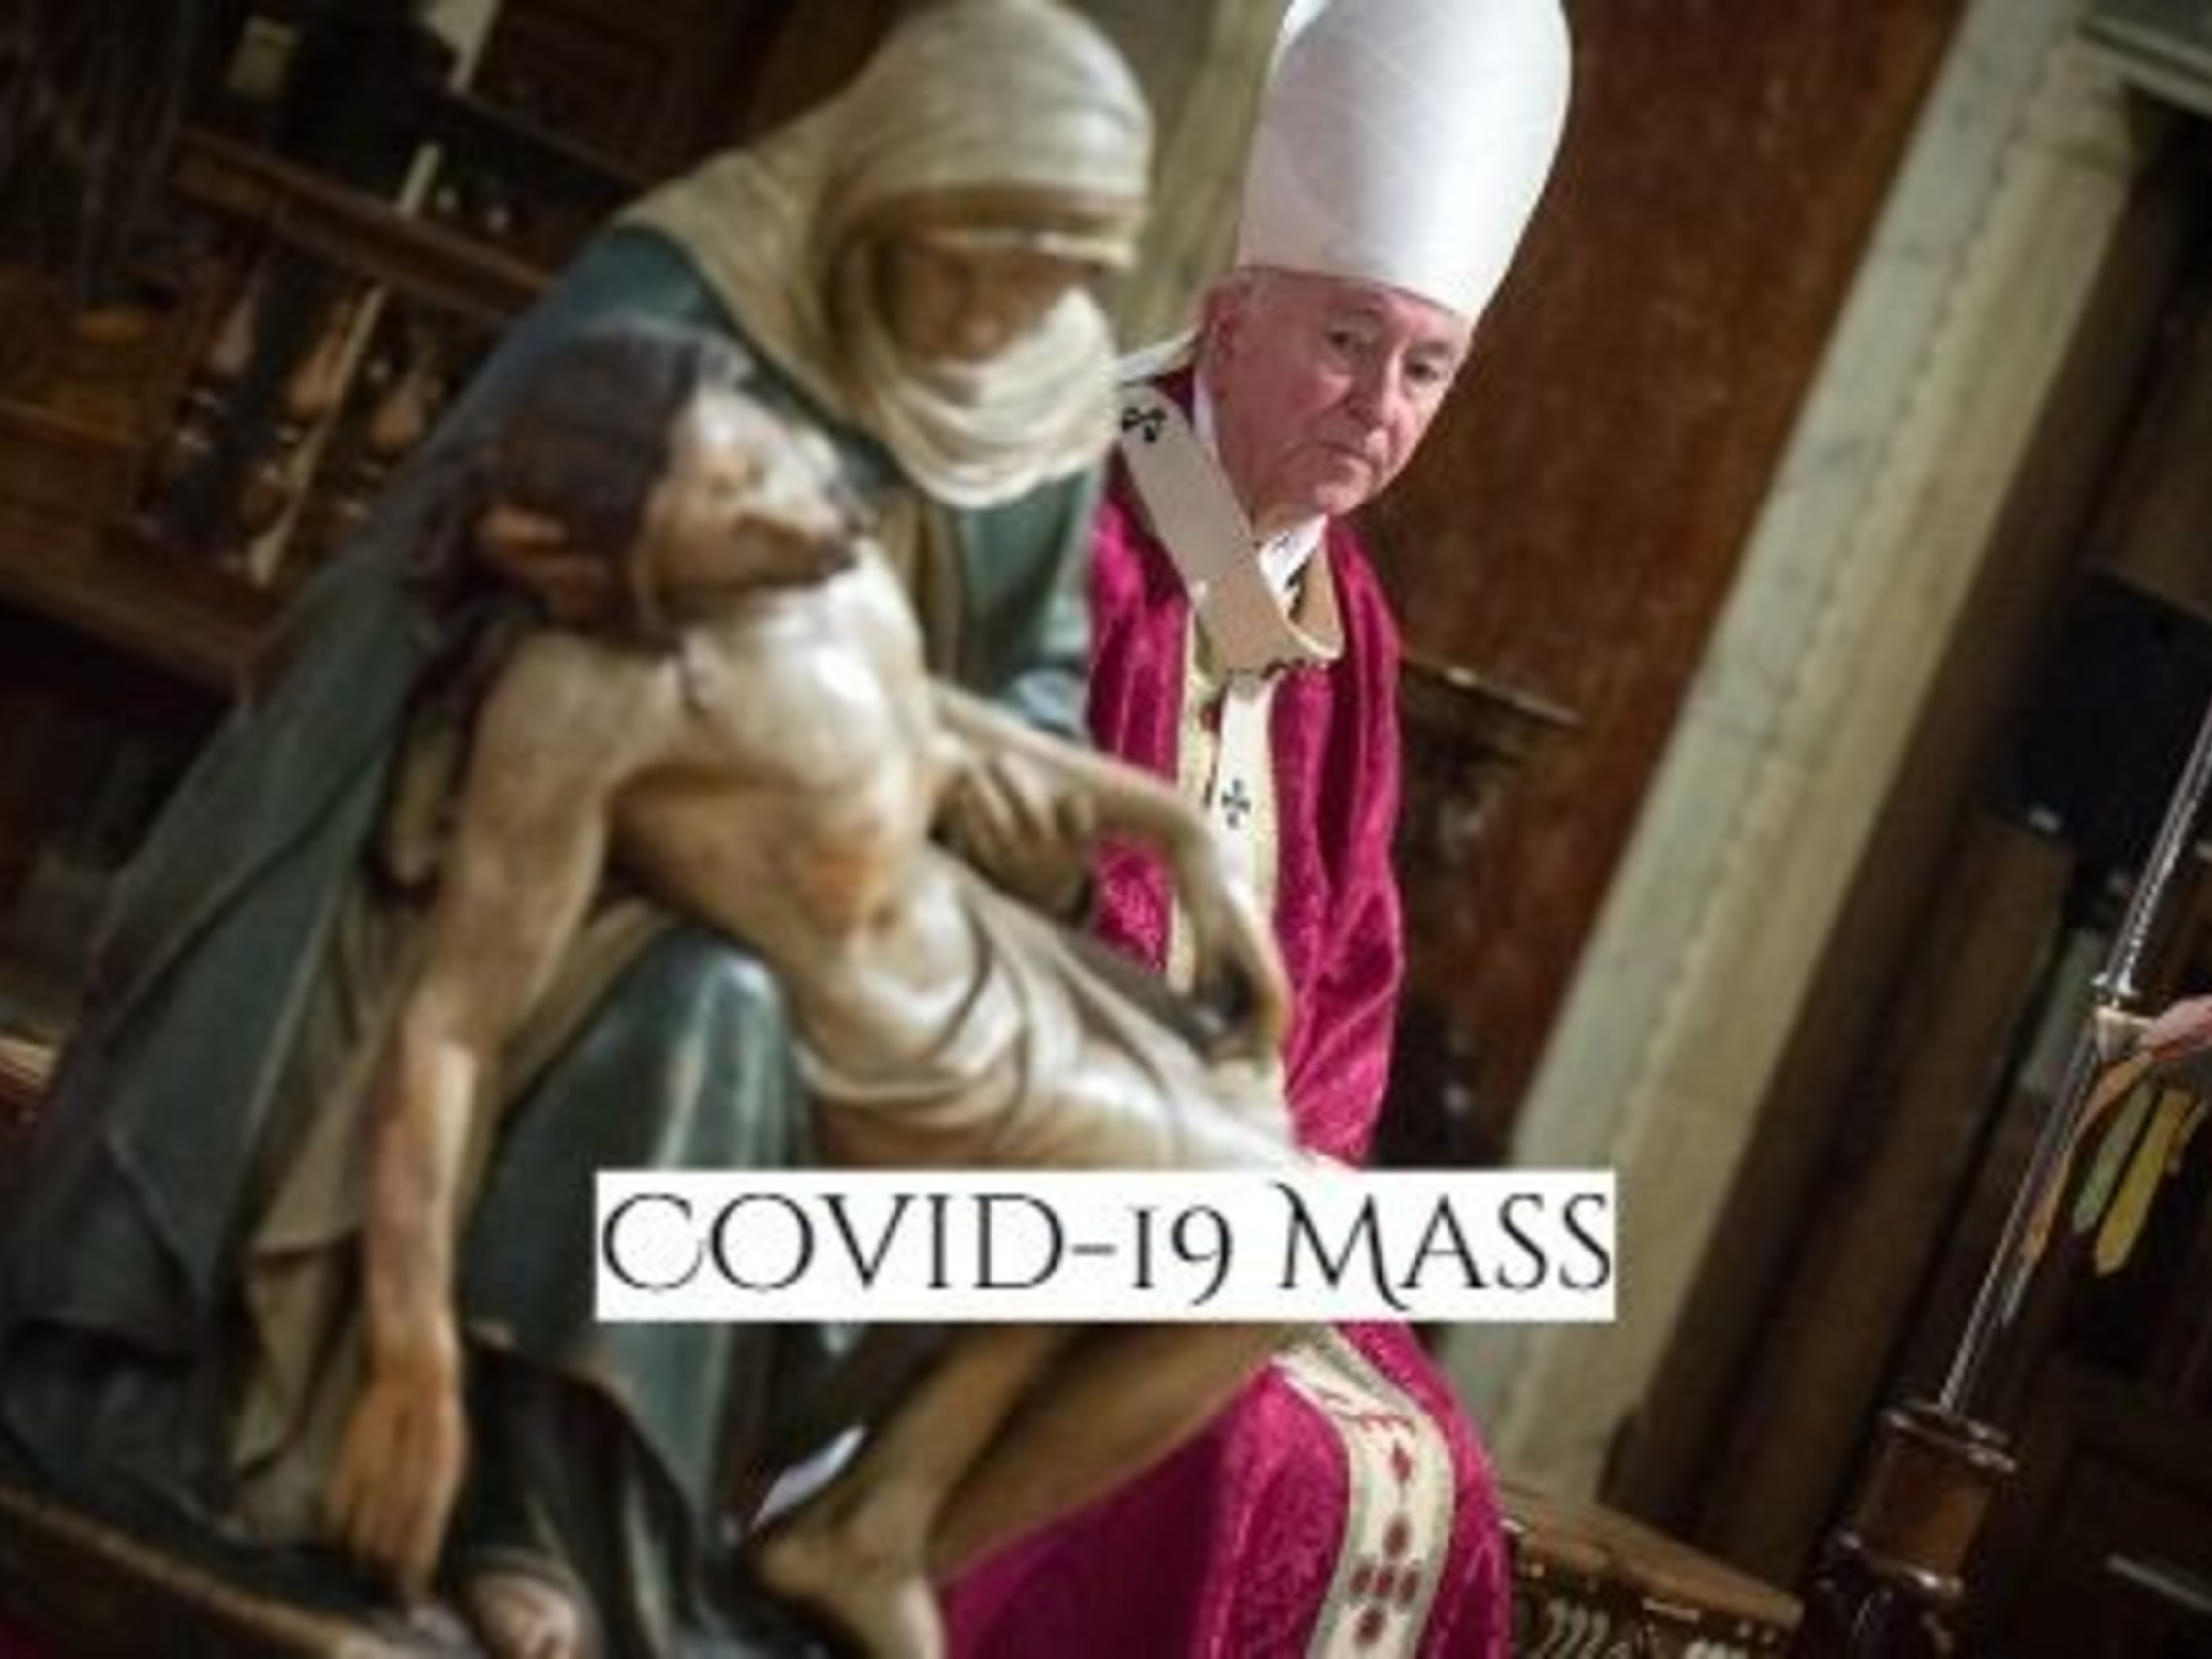 Cardinal Covid Top News